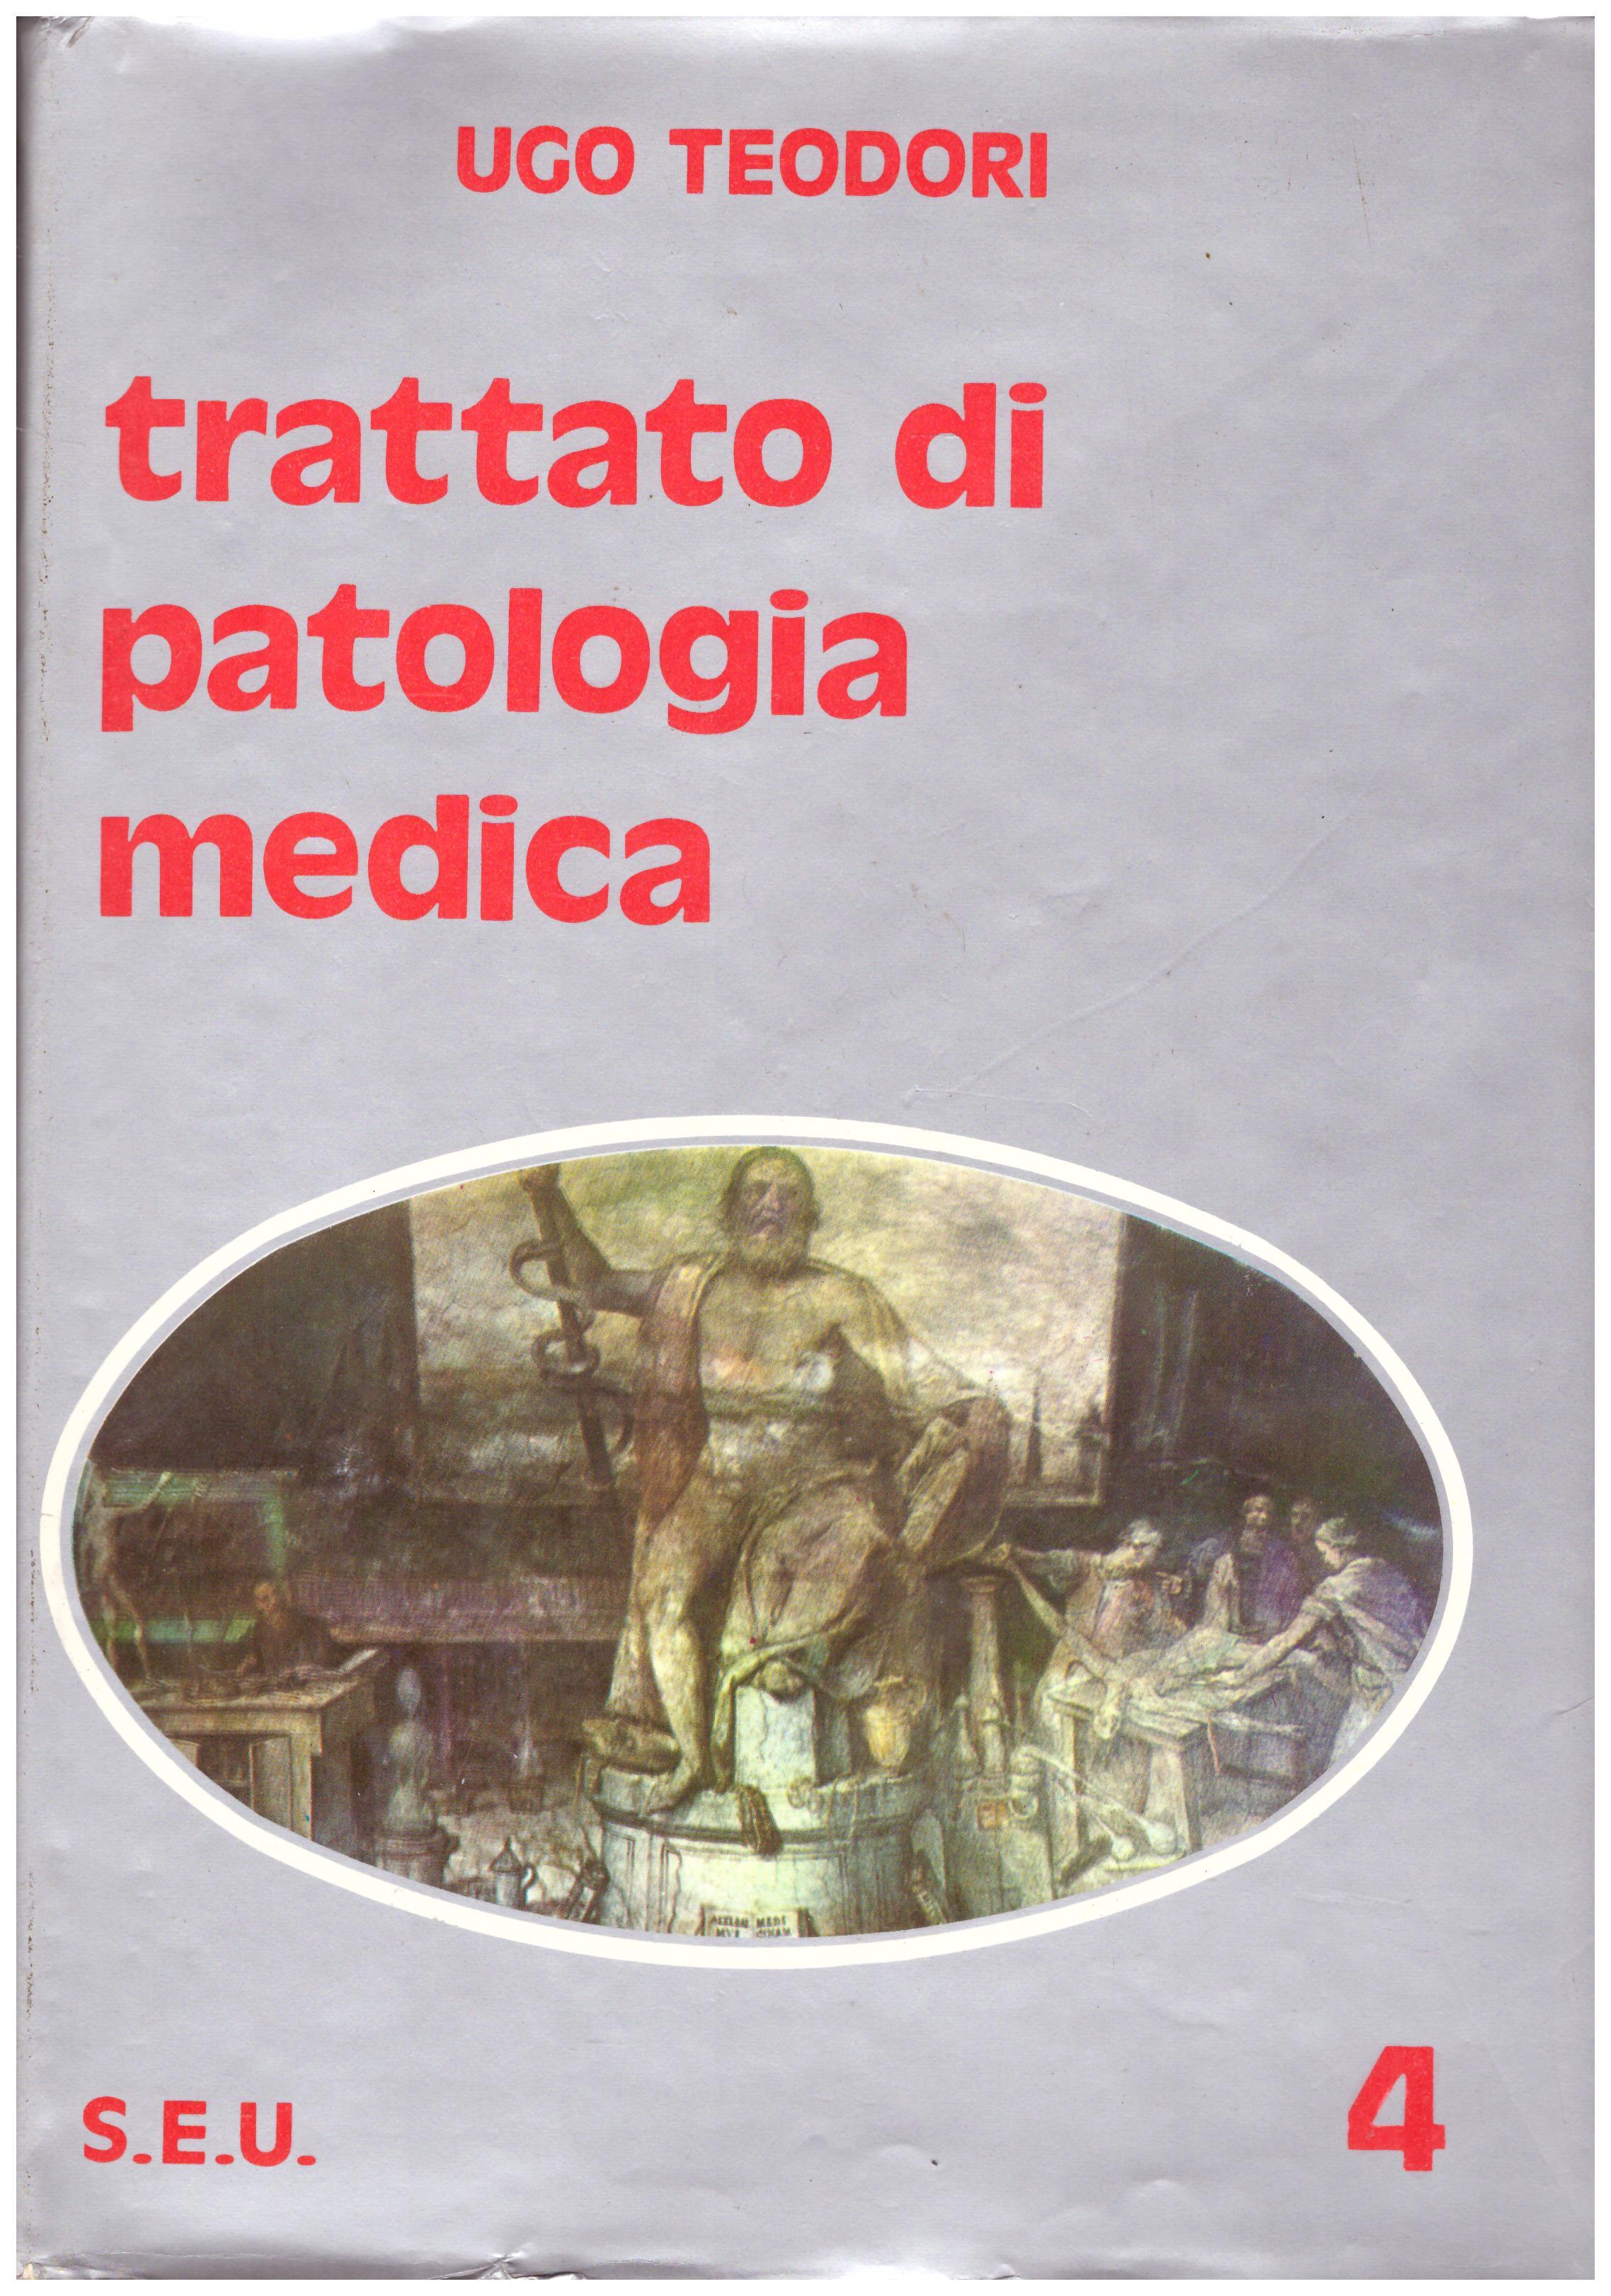 Titolo: Trattato di patologia medica volume 4  Autore: Ugo Teodori Editore: S.E.U. 1978